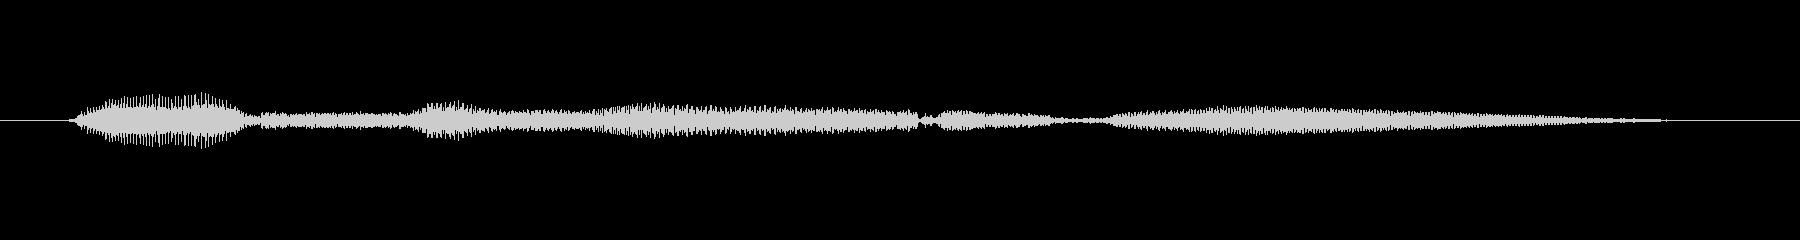 鳴き声 女性トークエルフィッシュ14の未再生の波形